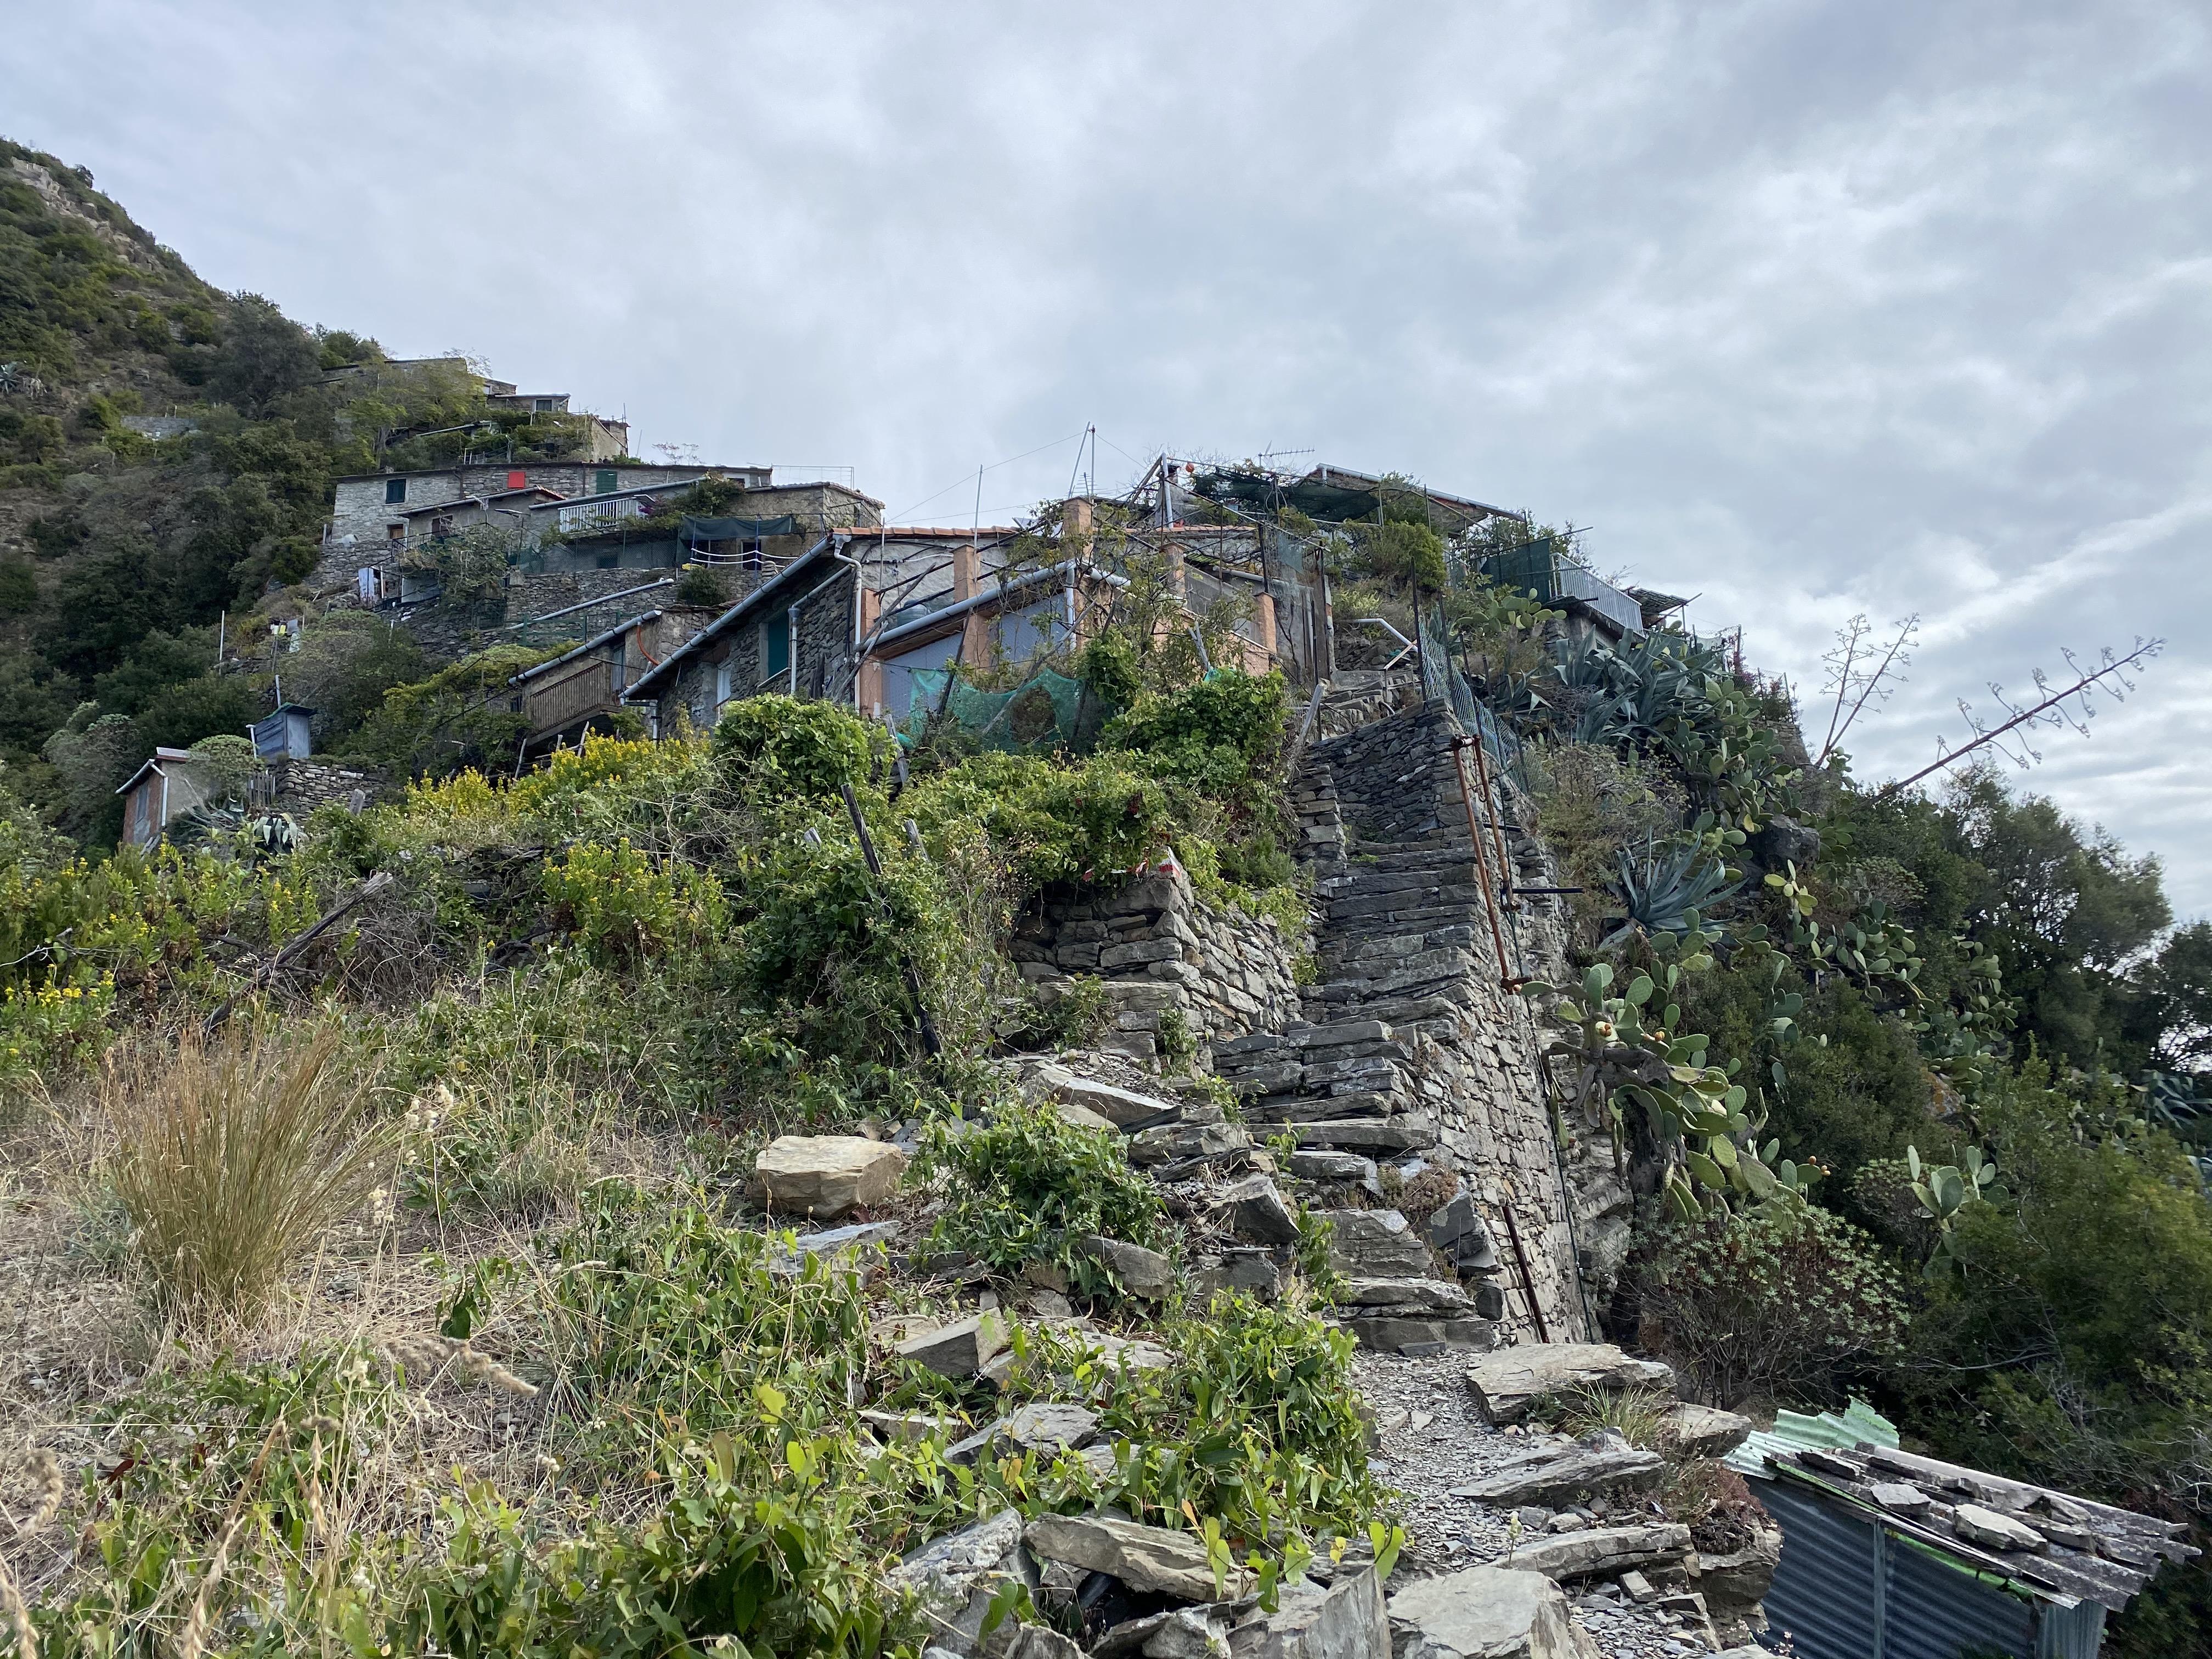 pueblo Monesteroli, Liguria